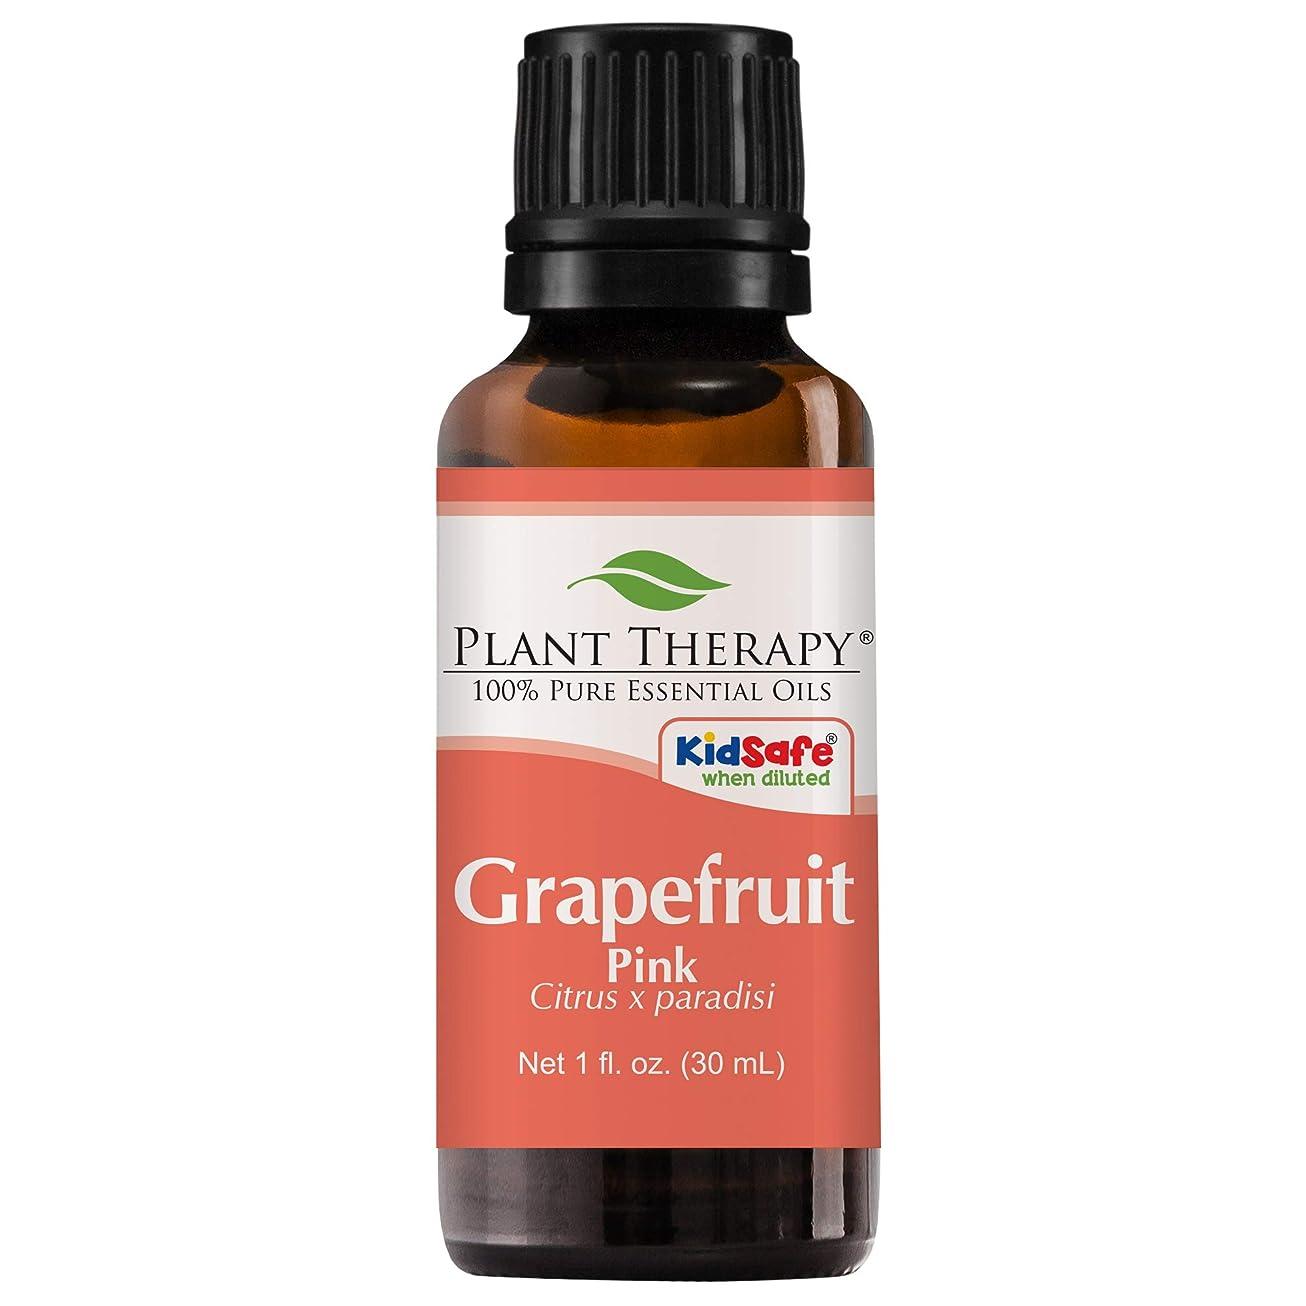 文句を言うアプライアンス山積みの植物セラピーグレープフルーツ(ピンク)エッセンシャルオイル。 100%ピュア、希釈していない、治療グレード。 30ミリリットル(1オンス)